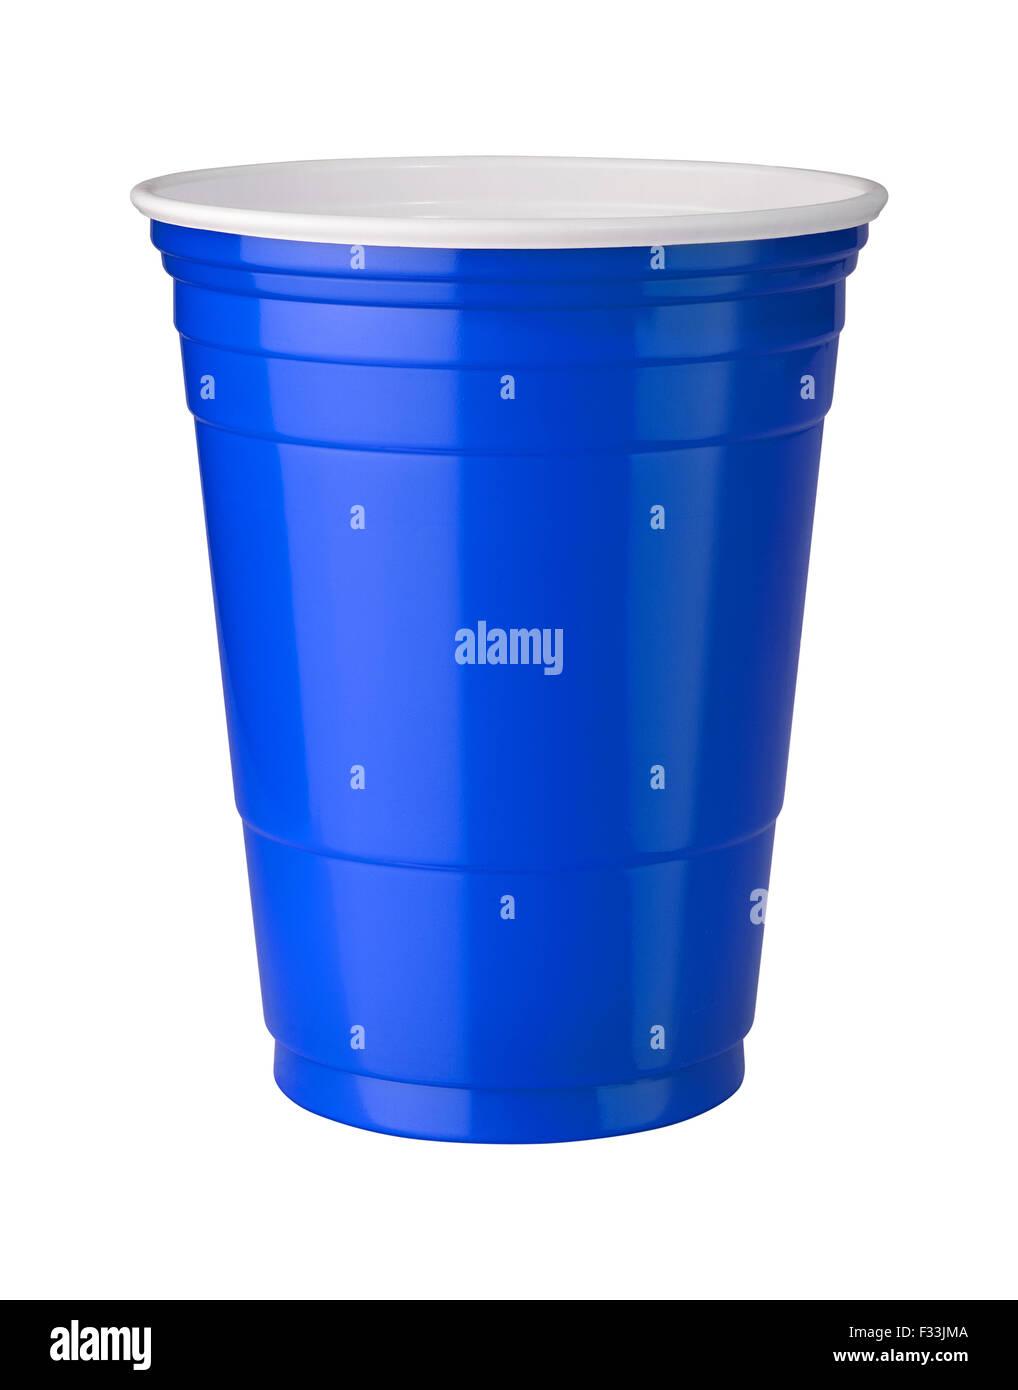 Blu tazza in plastica isolato su bianco. Immagini Stock